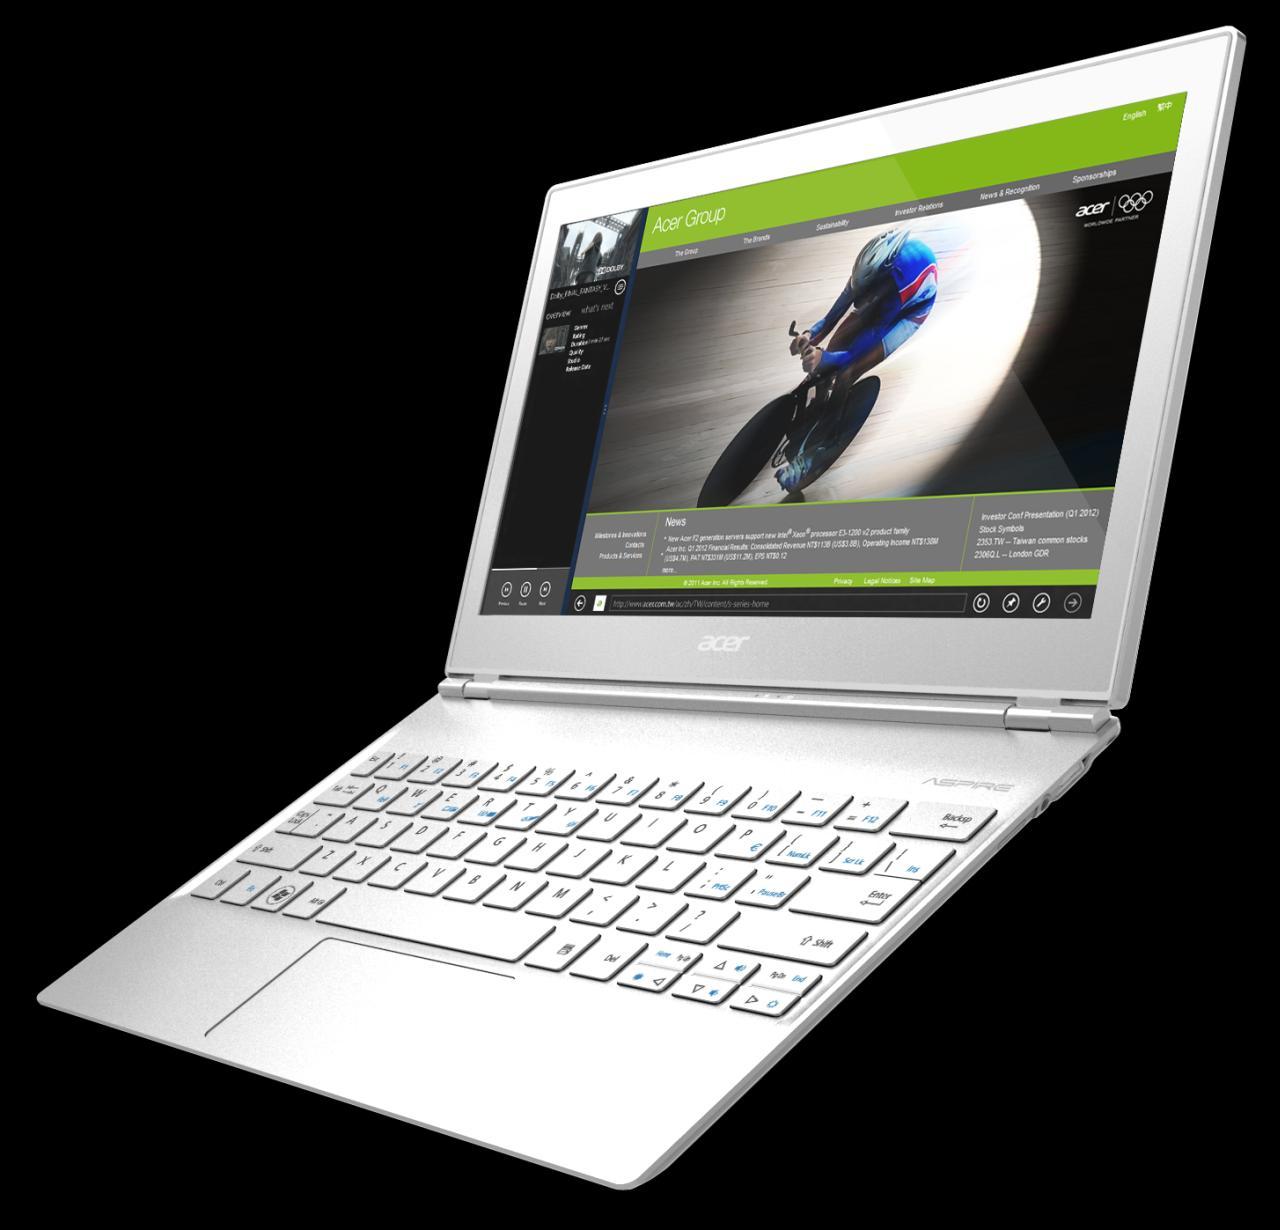 Acer Anuncia Fecha Y Especificaciones De Sus Nuevas Aspire S7 Ultrabooks Con Windows 8 Súper Delgadas Y Touchscreen